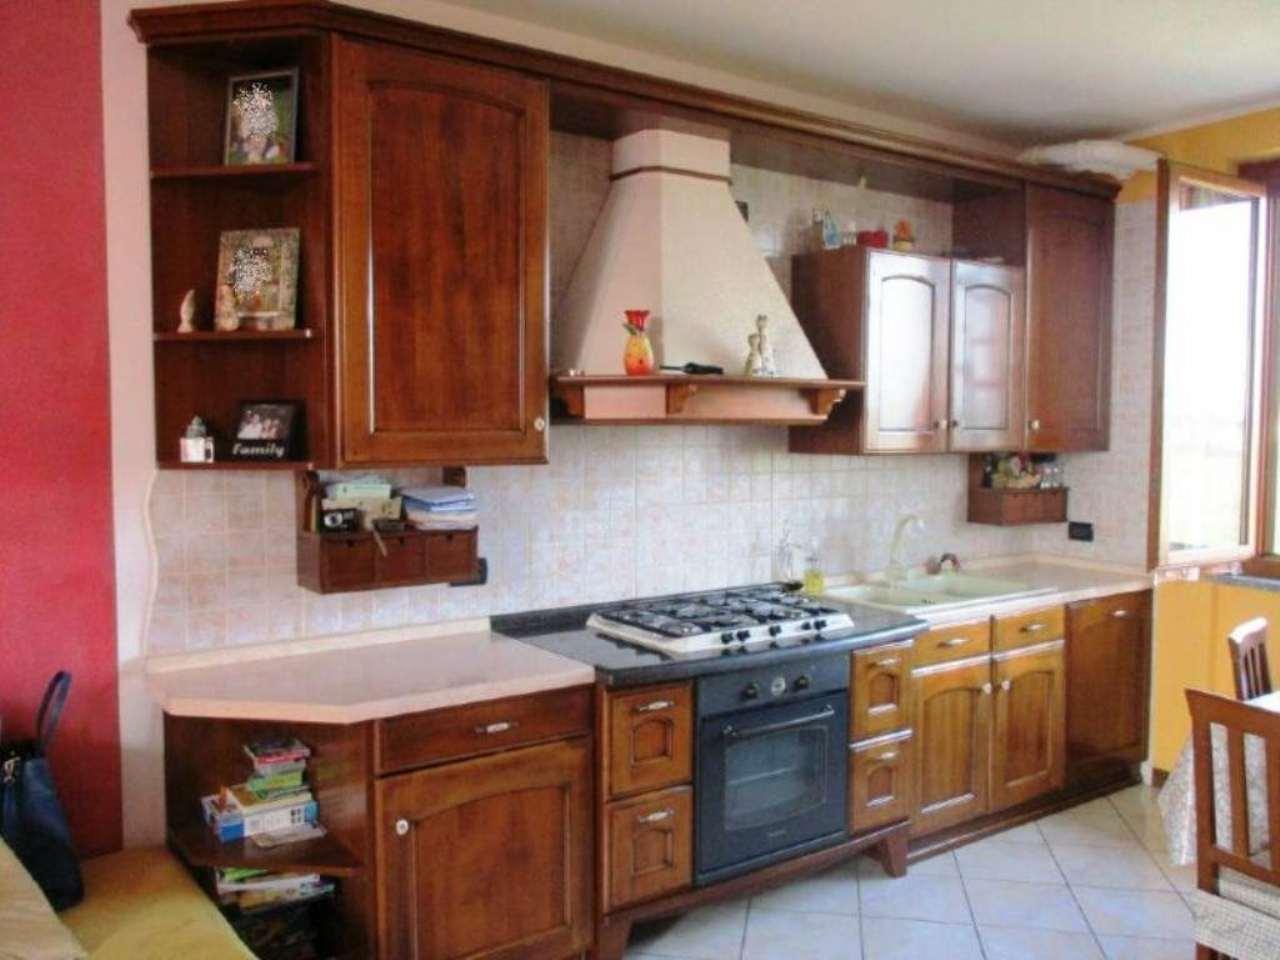 Appartamento in vendita a Cortenuova, 3 locali, prezzo € 63.000 | CambioCasa.it